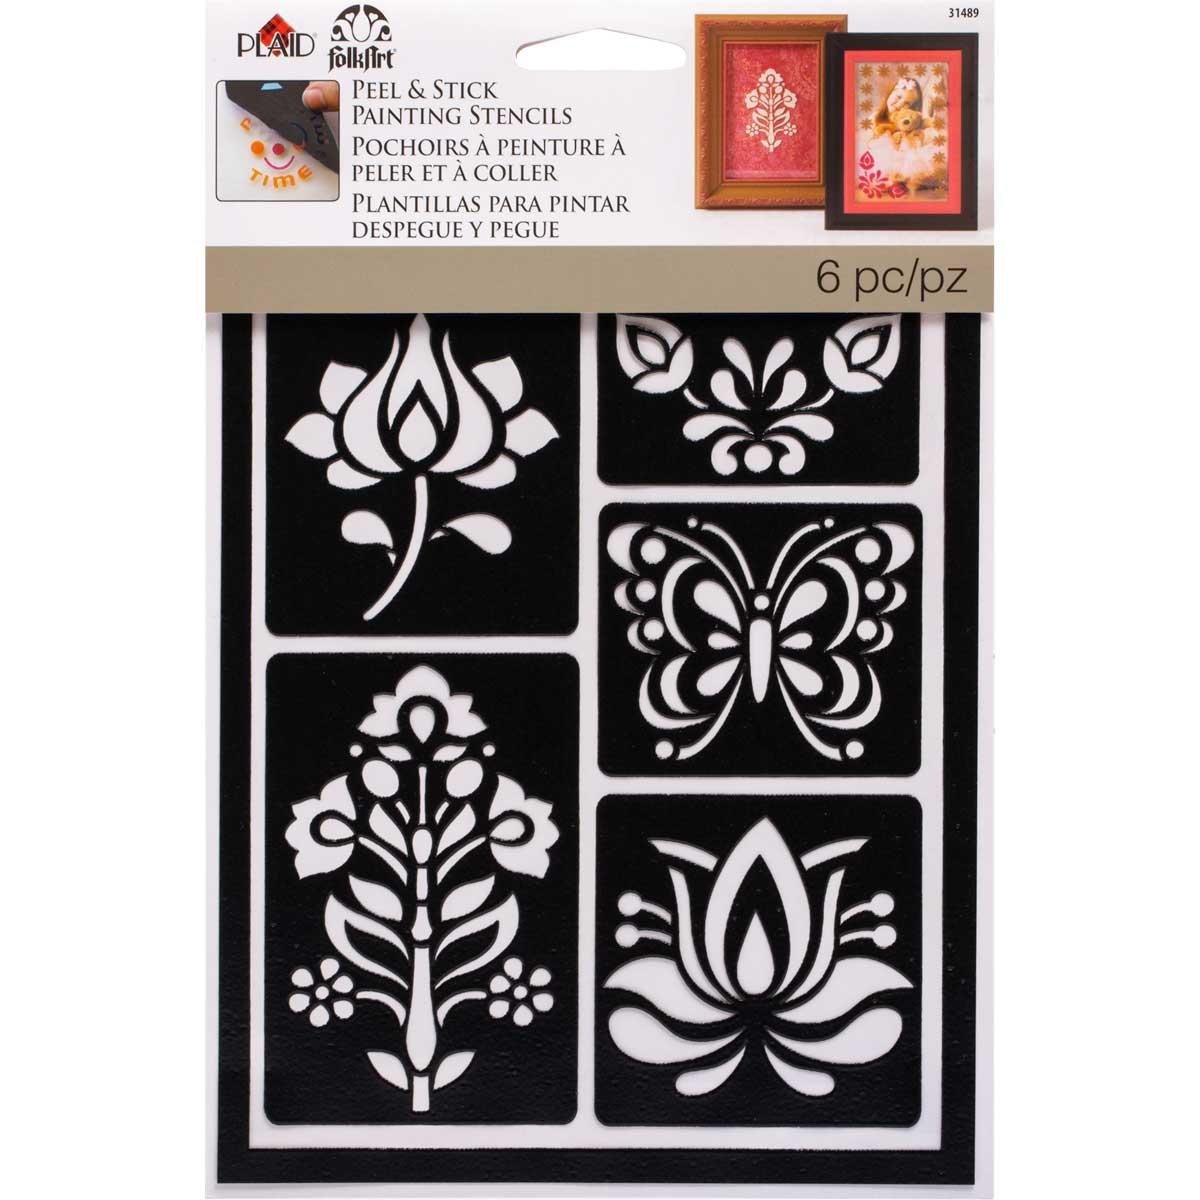 FolkArt ® Peel & Stick Painting Stencils - Folkloric - 31489